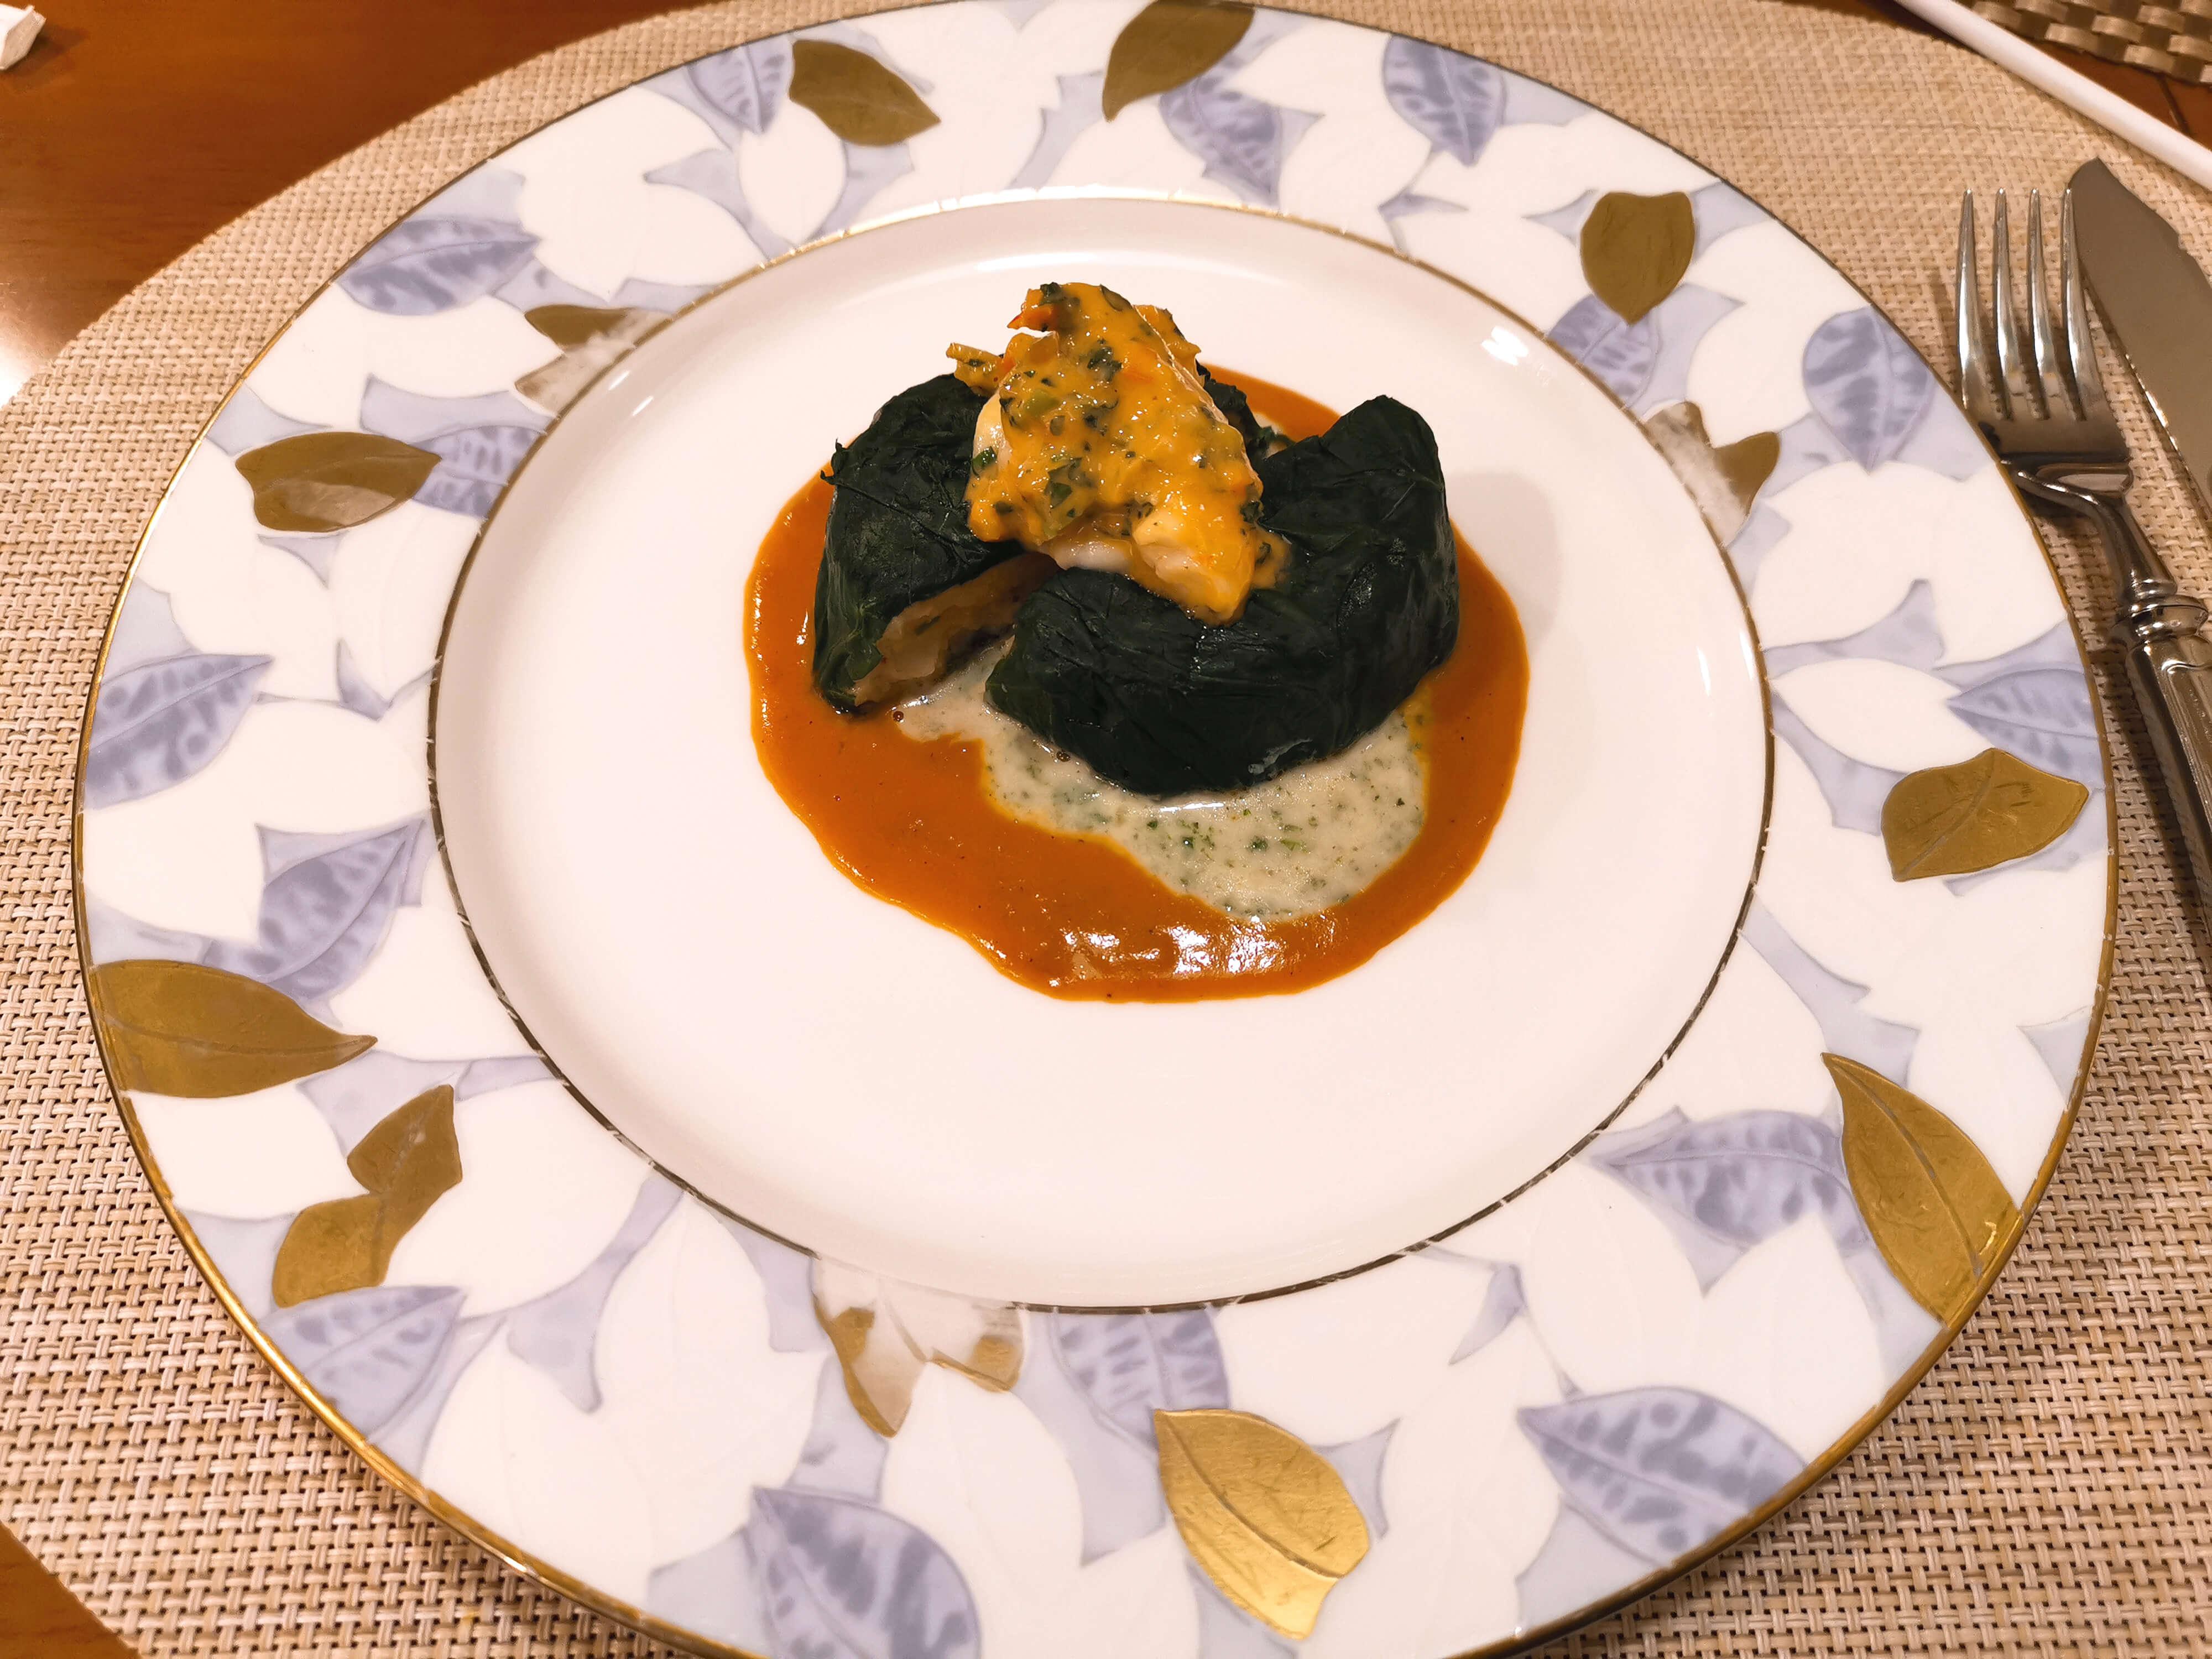 ホーレン草で包んだエビと魚のムースリーヌ二色のソースのハーモニー